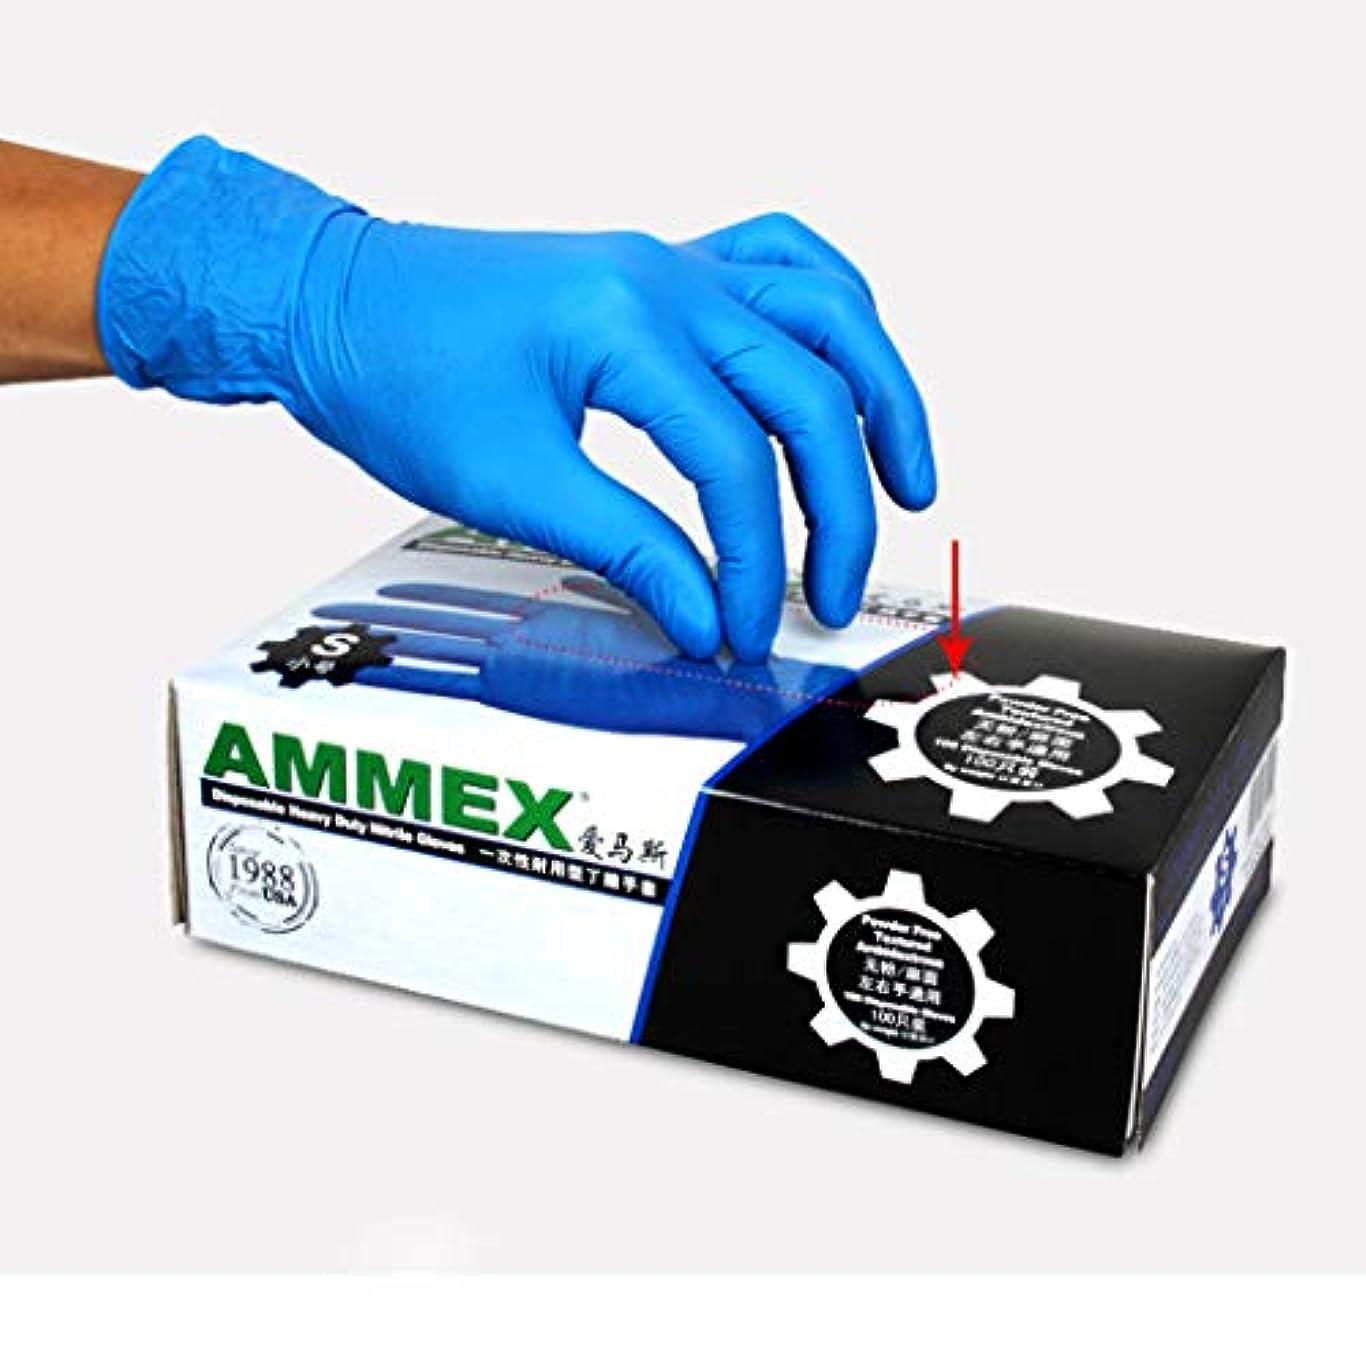 テニス推測電気陽性使い捨て手袋、粉末フリー、食品グレードの手袋、青、ラテックスフリー、手袋、100 / Box,S100/Box